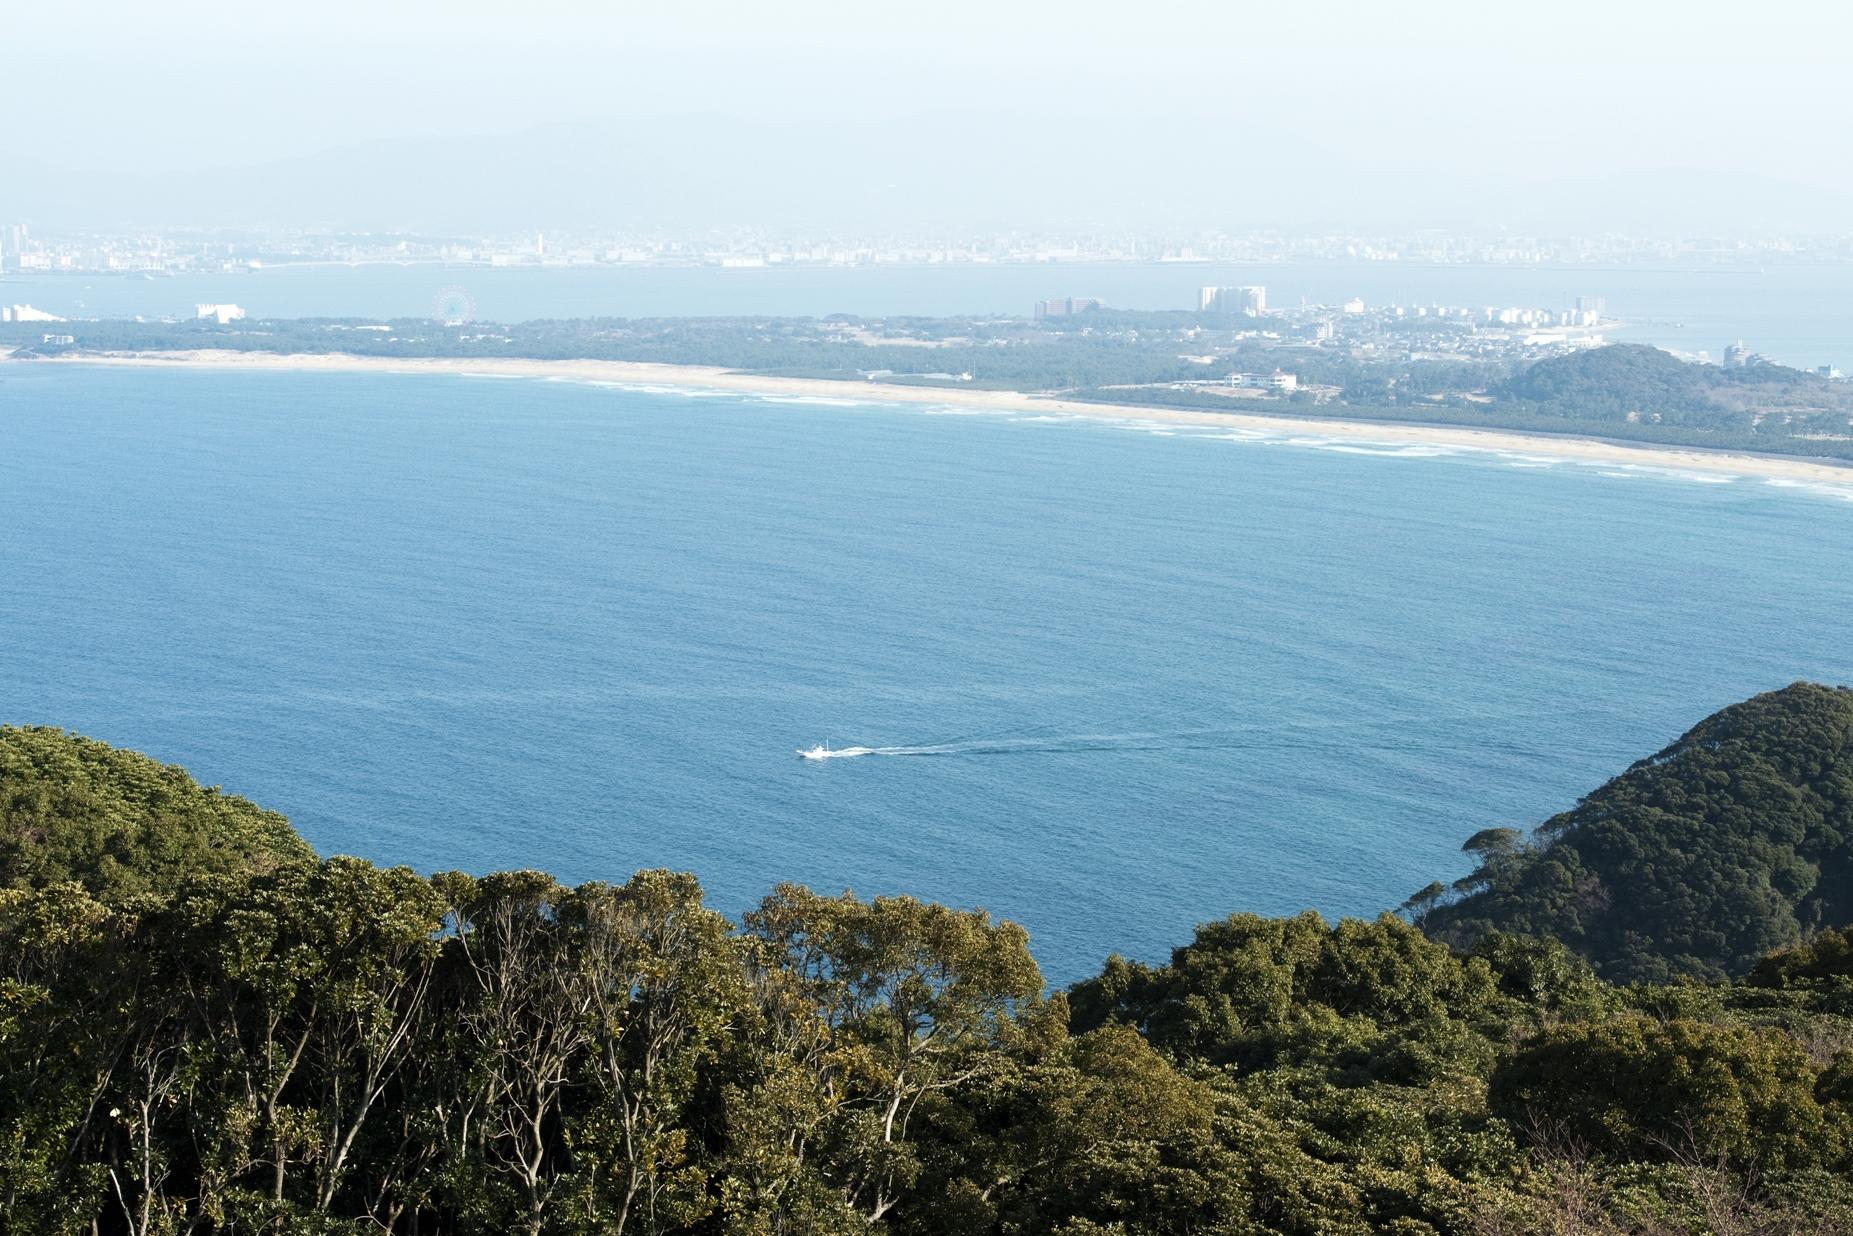 潮見公園からの風景(2014)の画像